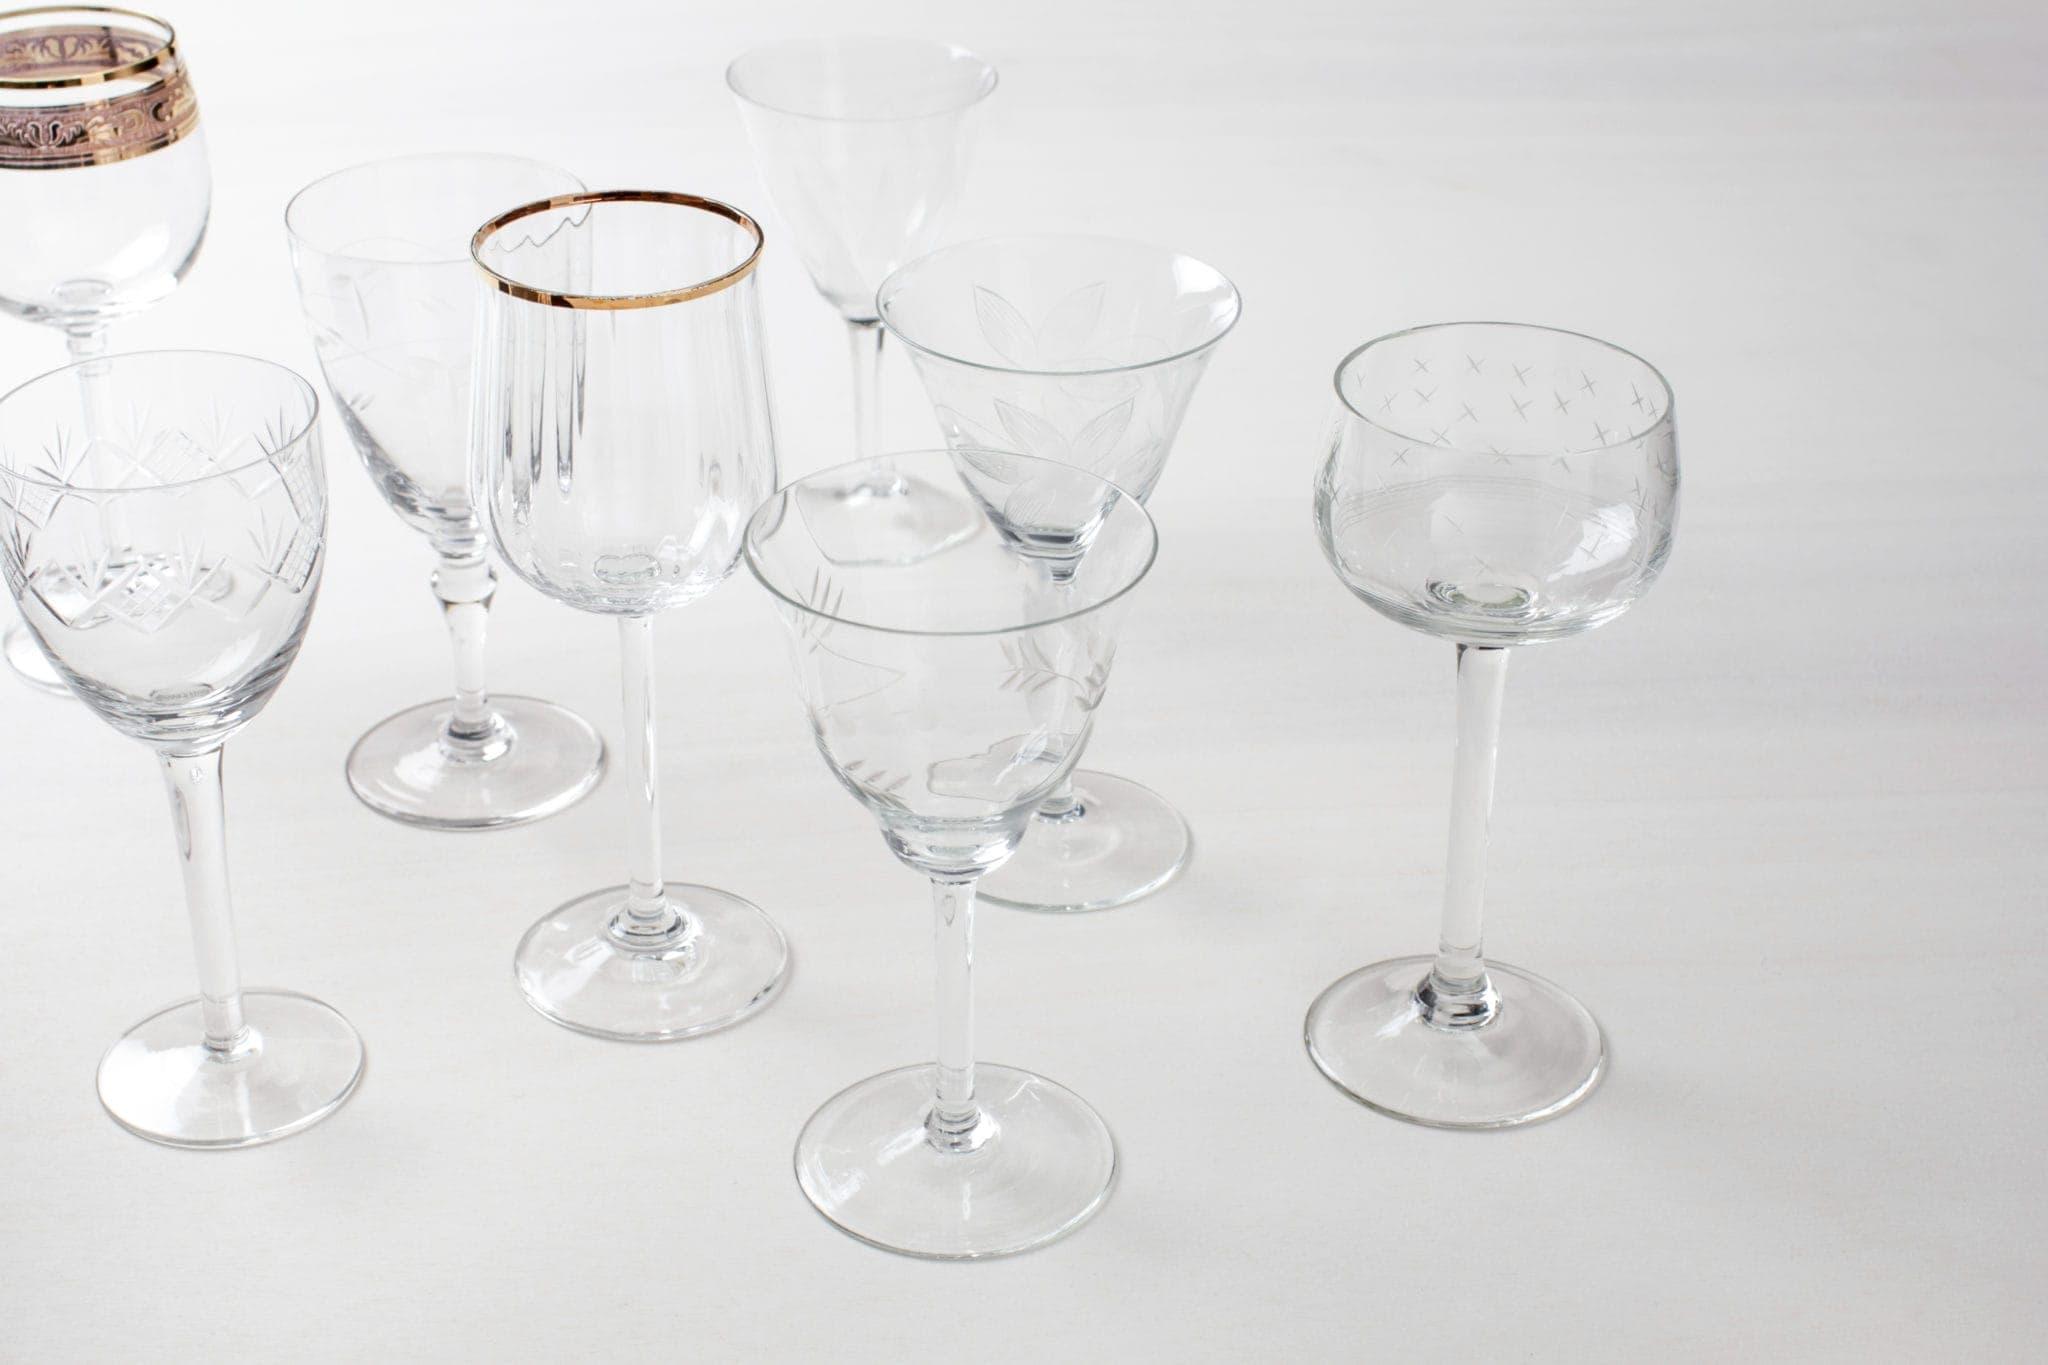 Diese hinreißenden, stilechten Vintage Weingläser sind eindeutig ein Must Have und können zahlreich gemietet werden. Einige Gläser sind verspielt mit verschiedenen Mustern, andere elegant mit Goldrand. Die Vintage Gläser der Serie Patricia sind eine reizende Kollektion, aus verschiedenen Größen und Formen.